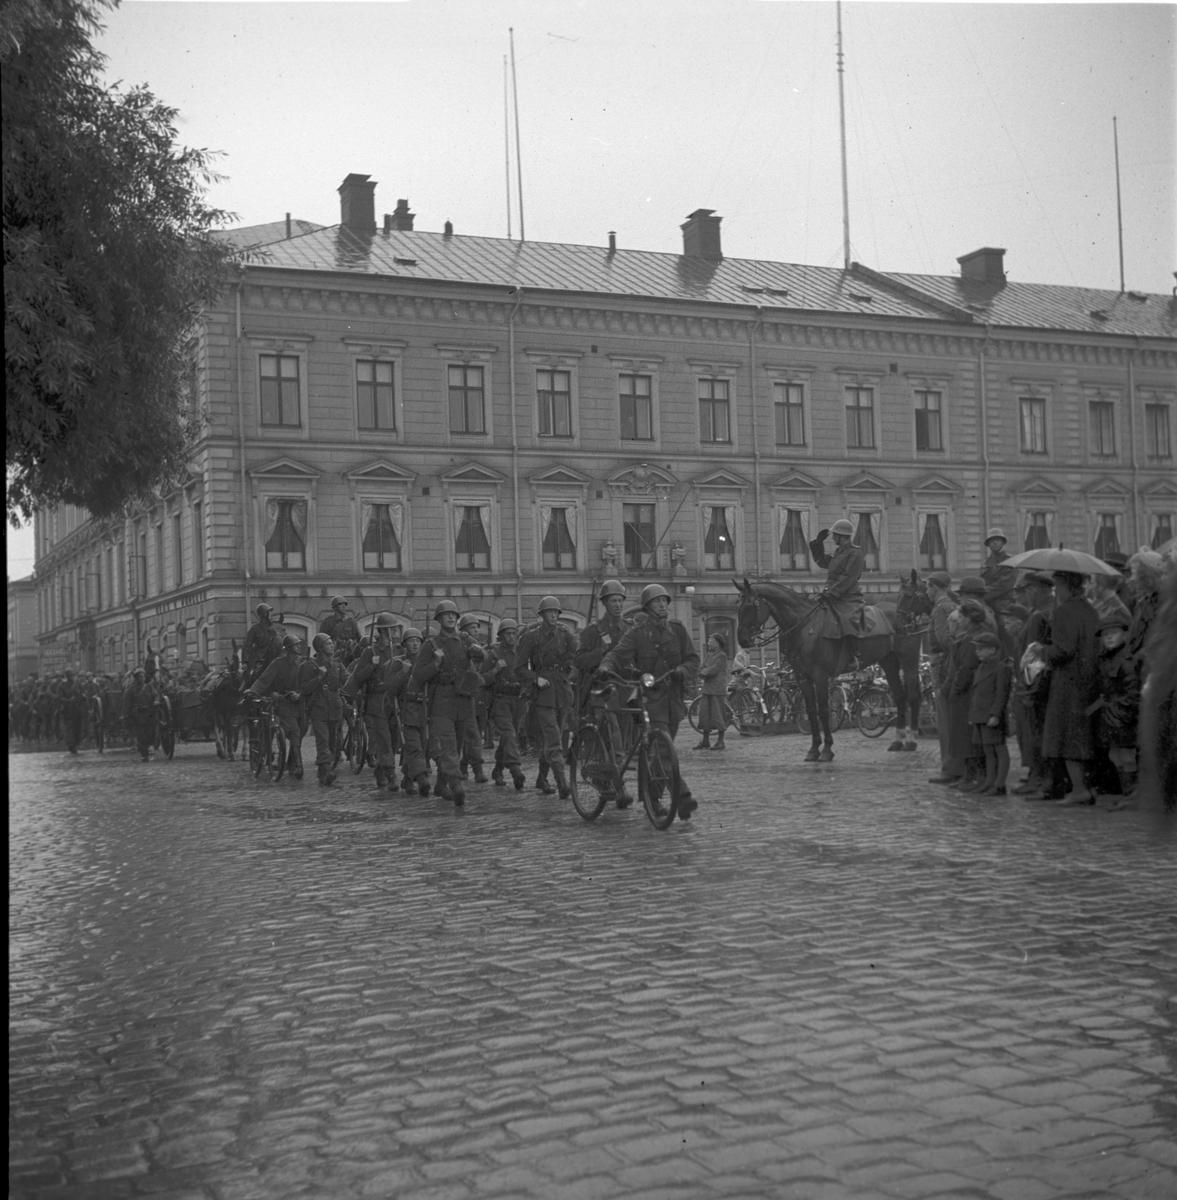 :: MILITÄRPARAD PÅ RÅDHUSTORGET  9 september 1940